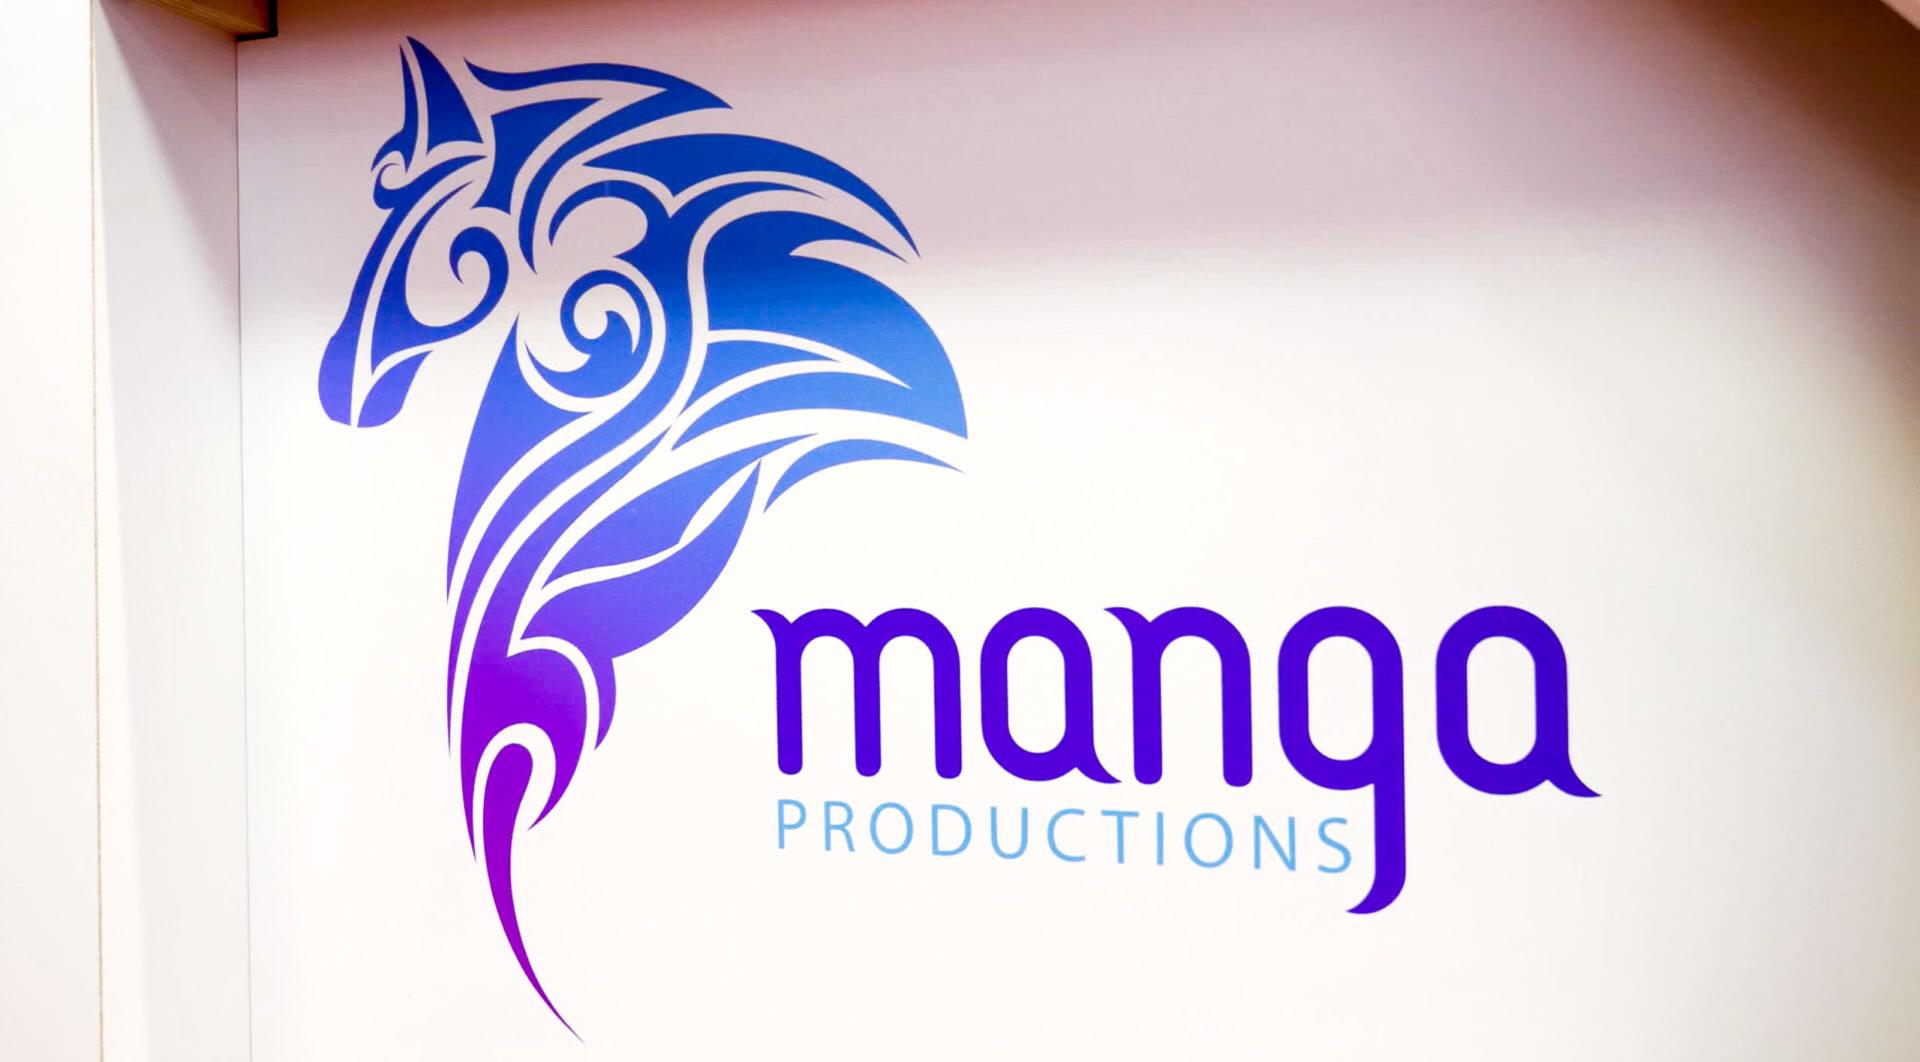 Manga Productions au MIPTV